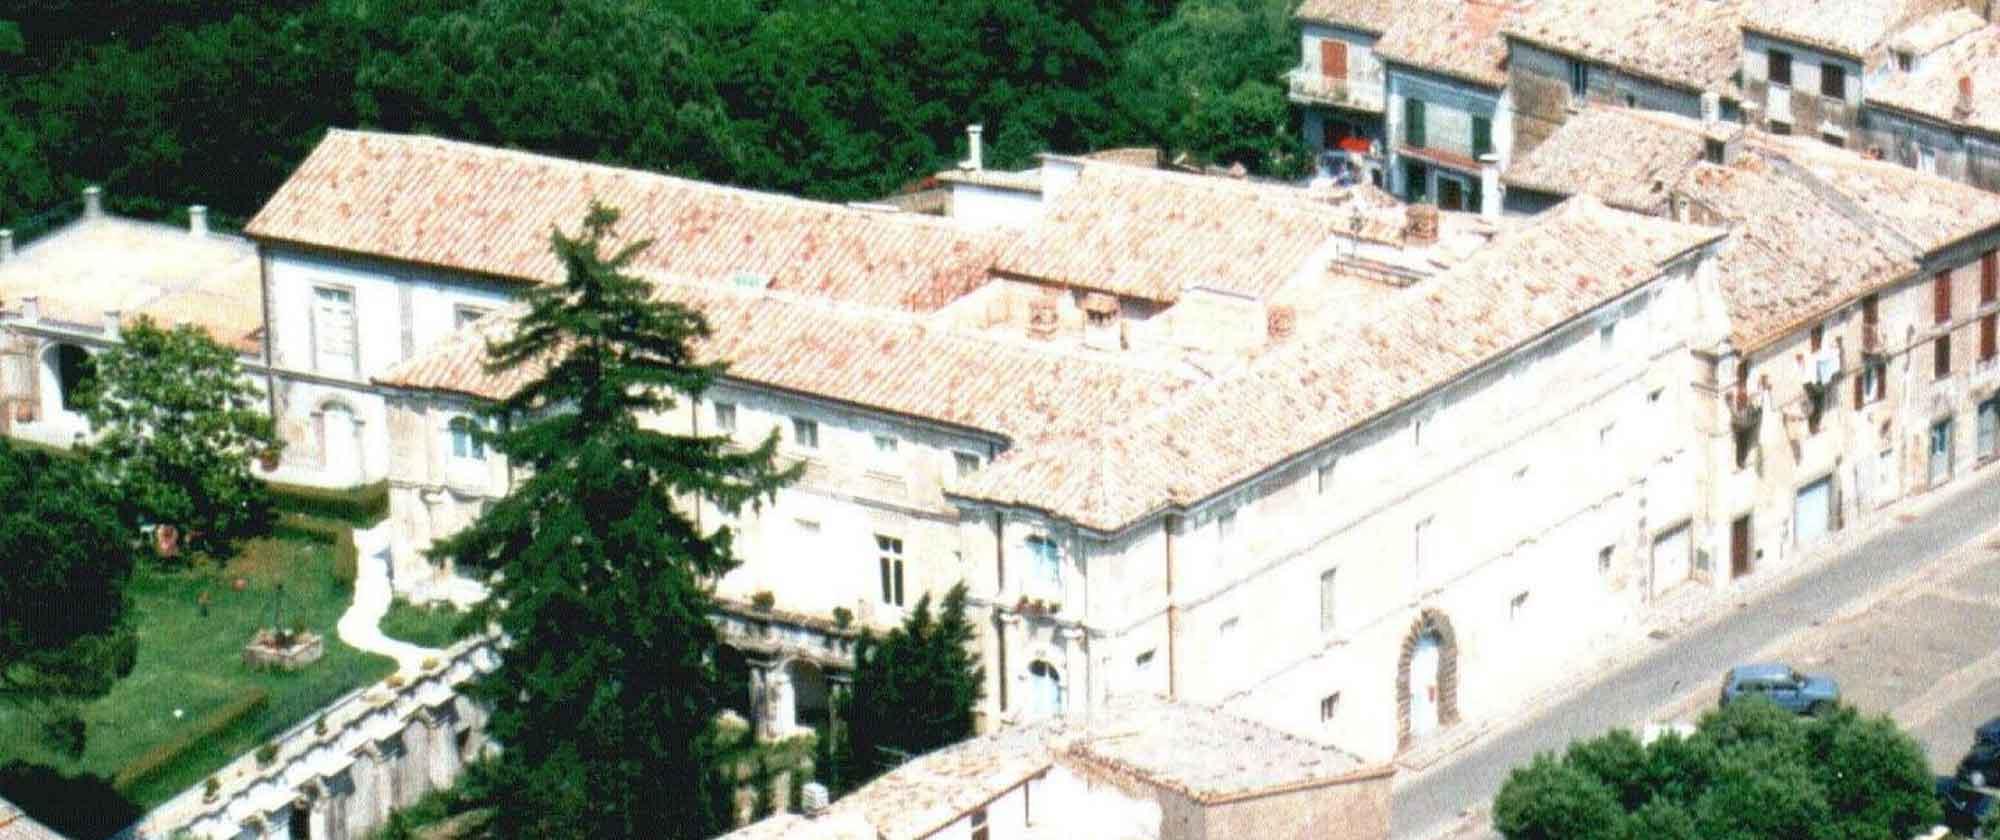 Palazzo per matrimoni e ricevimenti a Viterbo e provincia